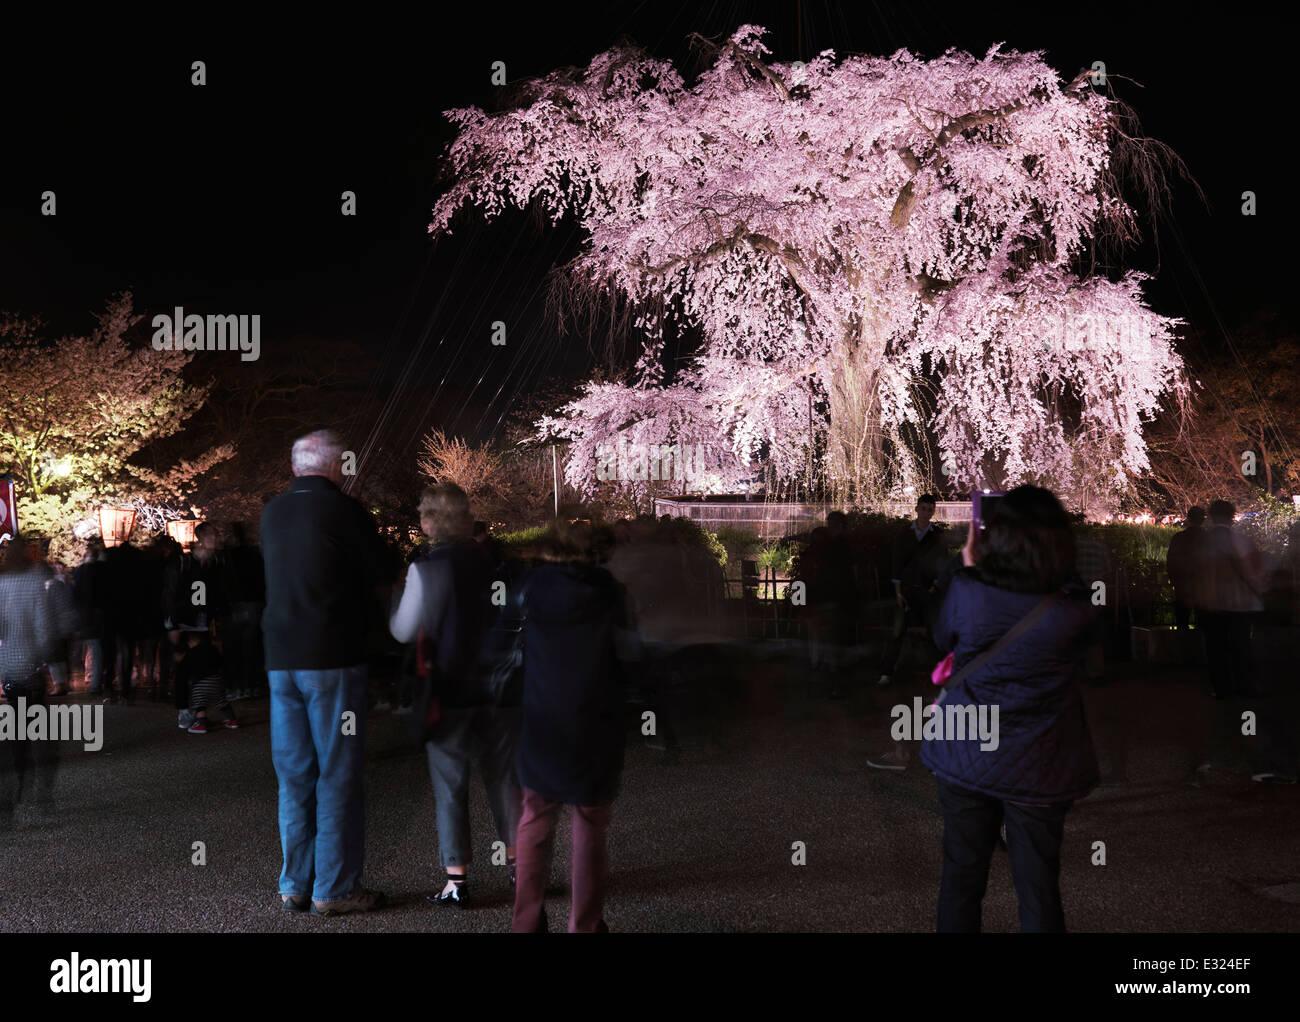 Ciliegio piangente, shidarezakura, illuminata di notte nel Parco di Maruyama, Gion, Kyoto, Giappone 2014 Immagini Stock